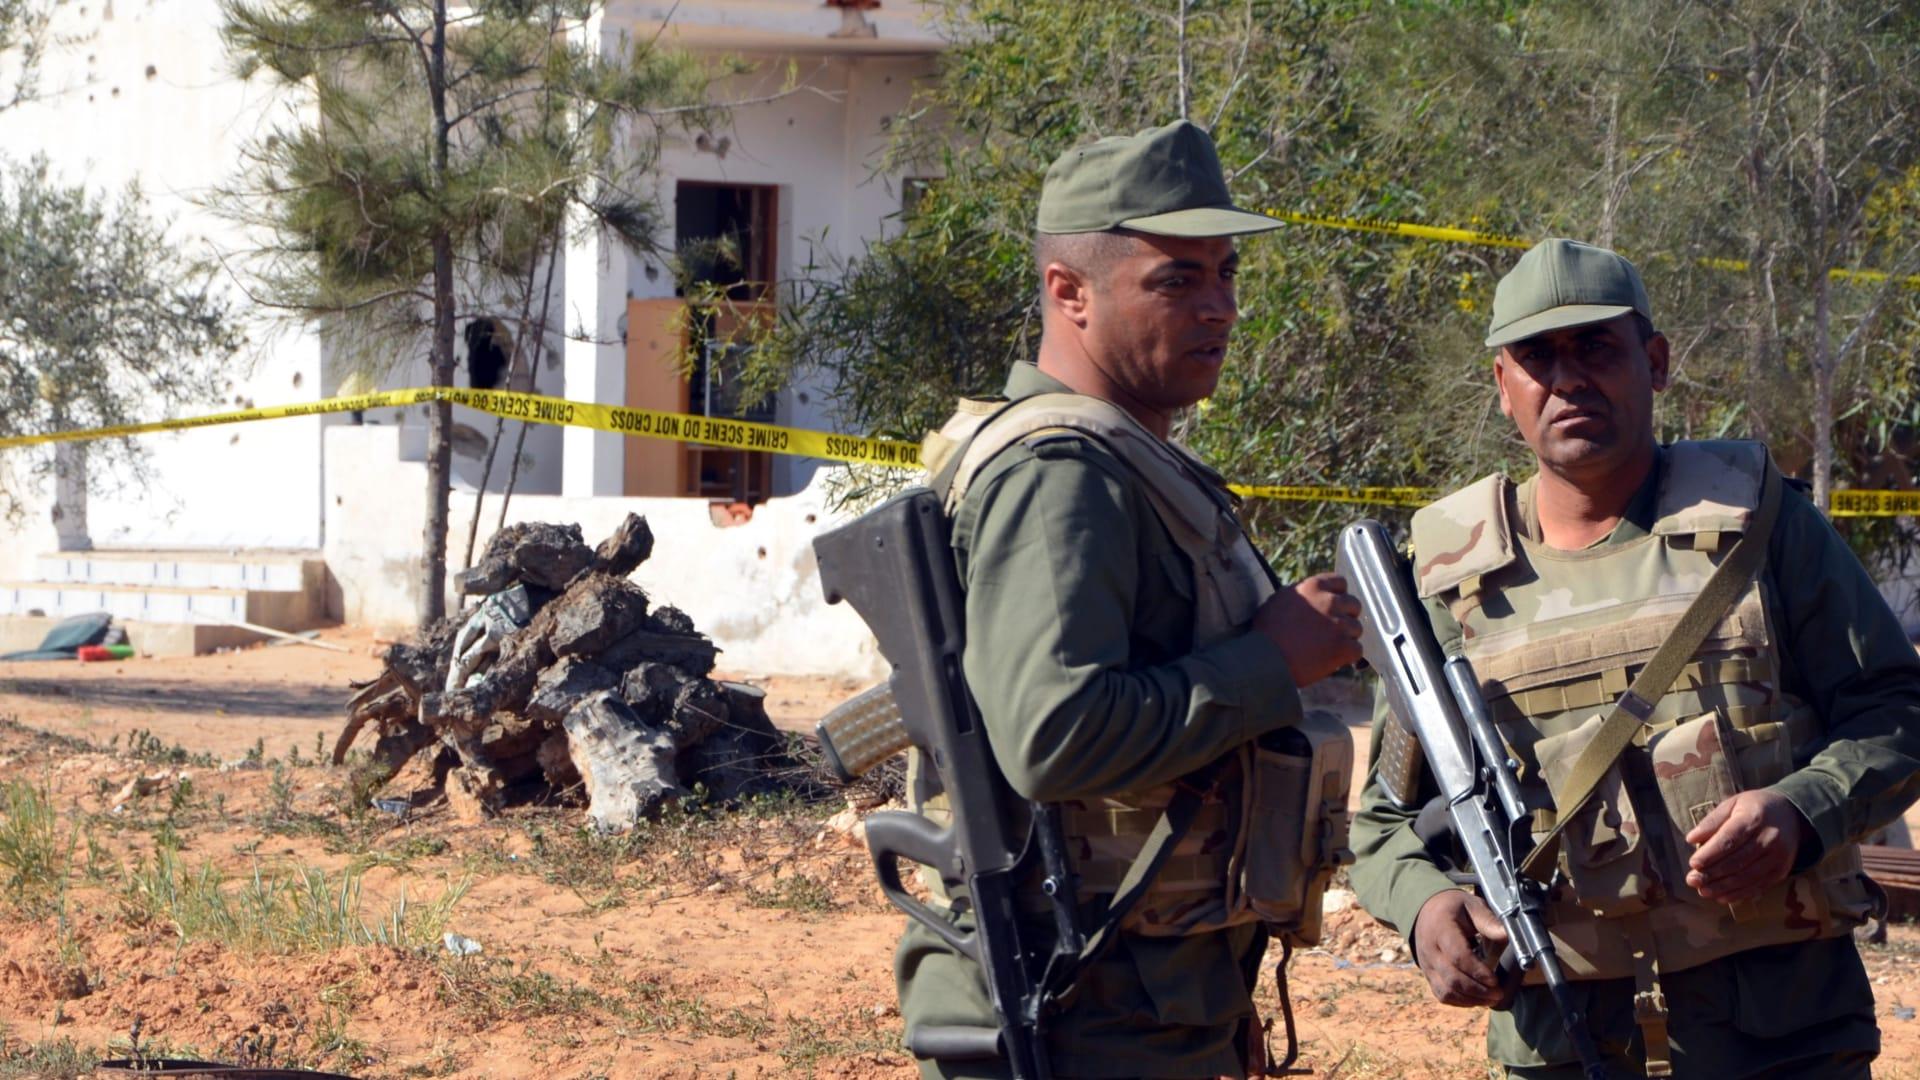 تونس: مقتل 36 إرهابيا و17 مدنيًا وعسكريًا إثر إحباط هجوم مسلح على مناطق عسكرية